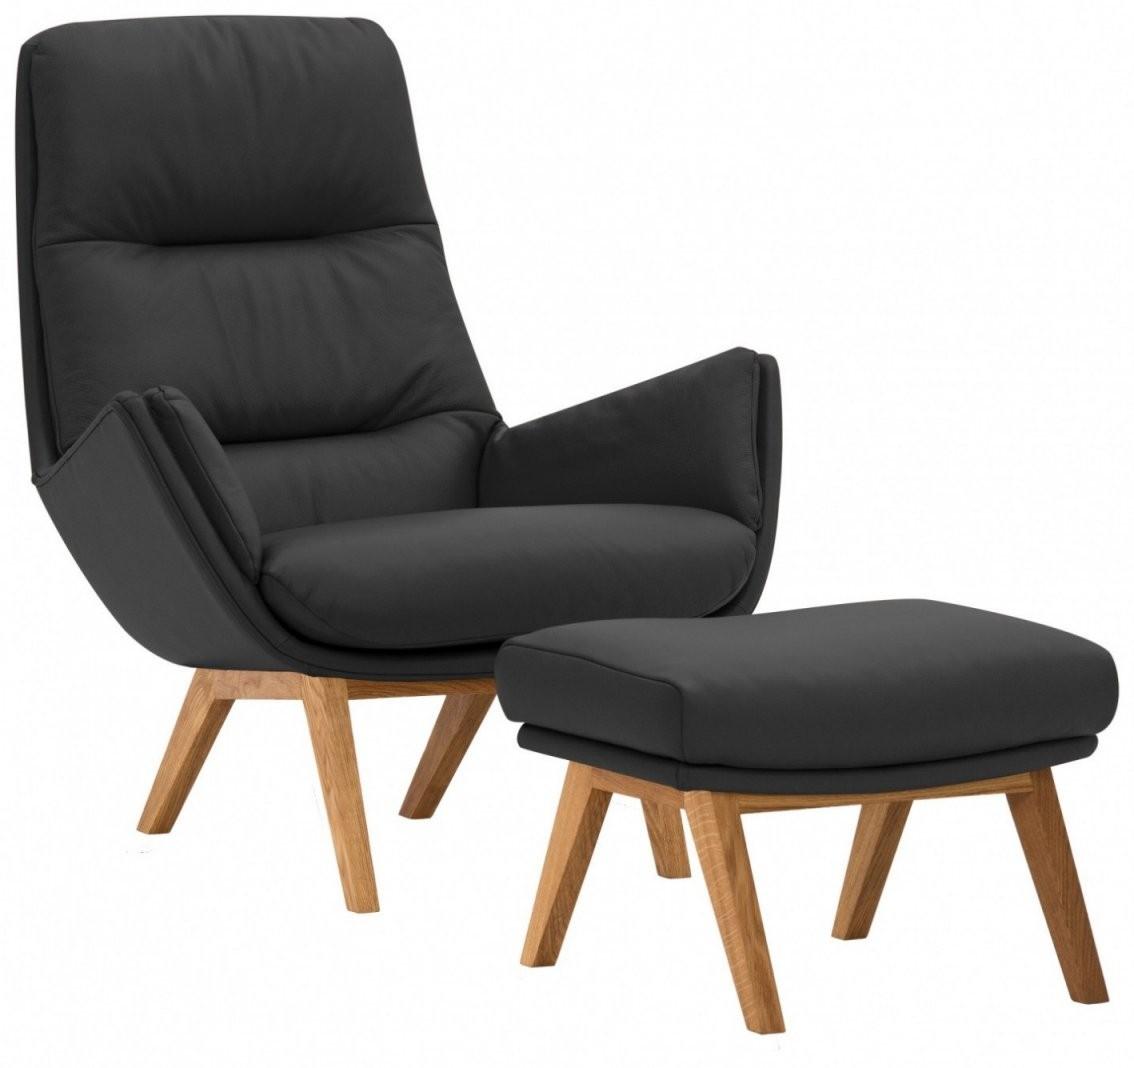 Wohnideen Relaxsessel Ikea Gebraucht Zusammen Schön Bunter Sessel von Relaxsessel Mit Hocker Ikea Photo